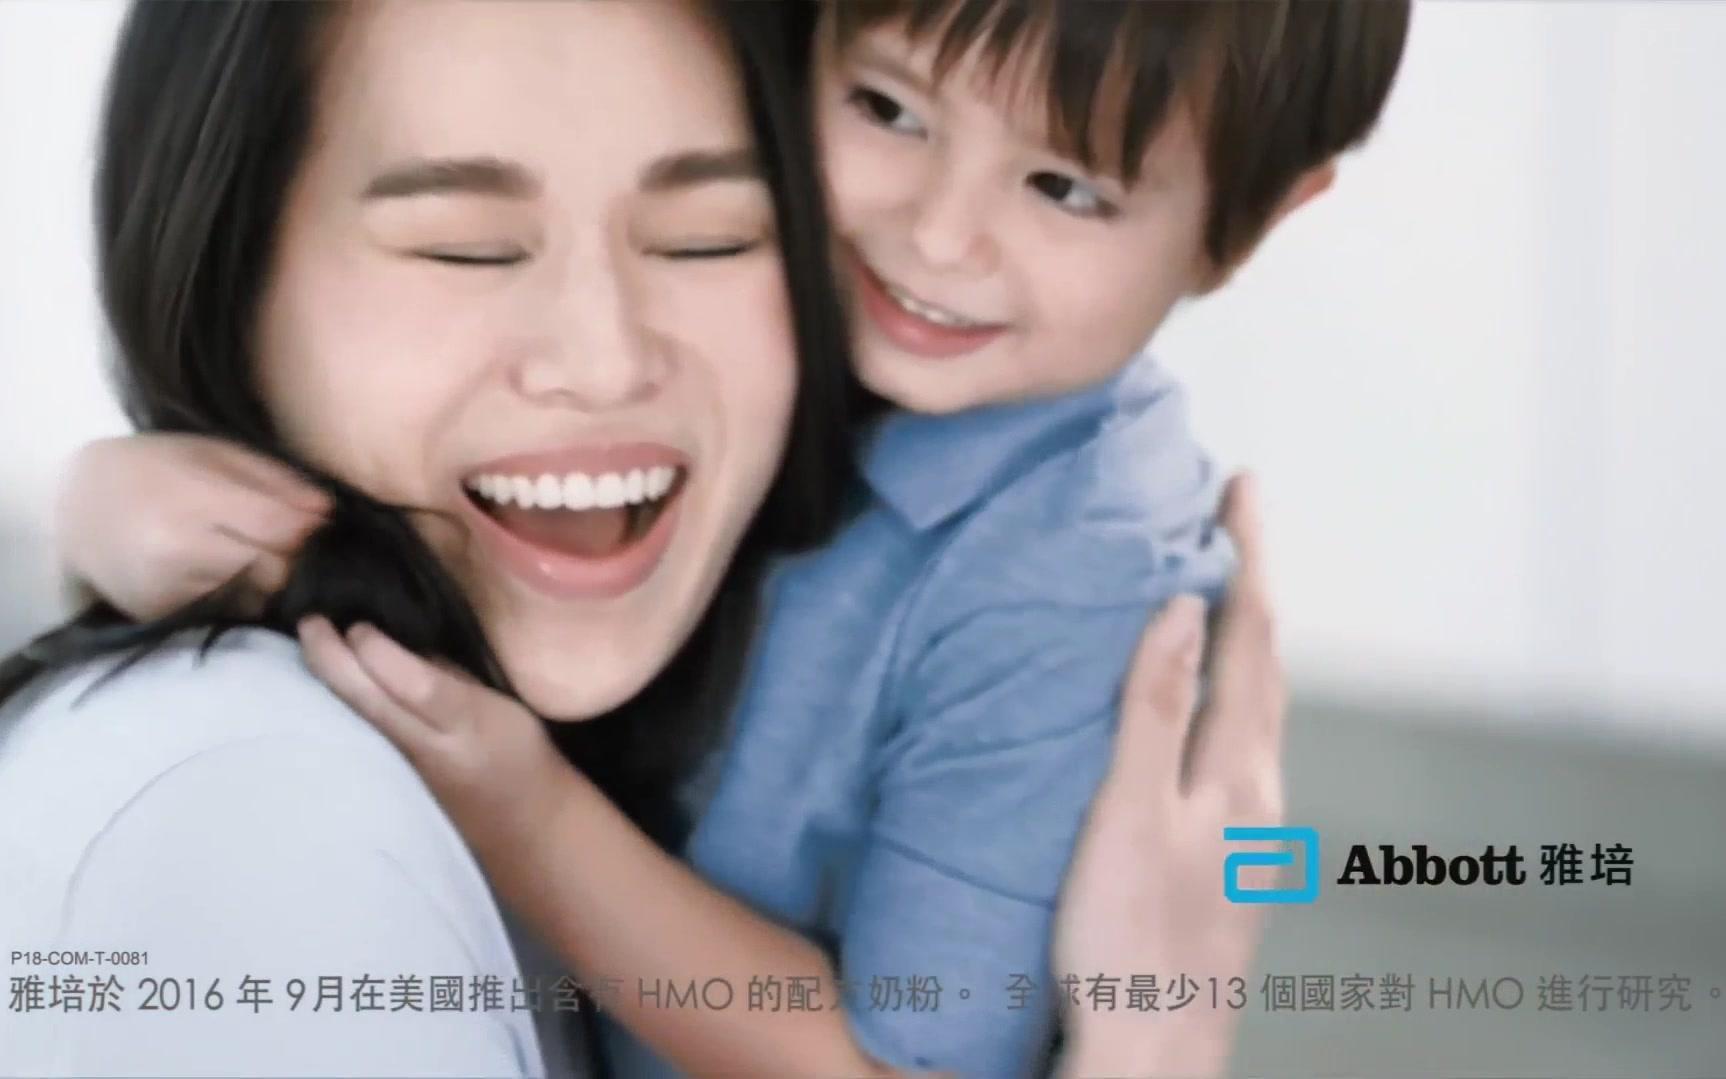 央视广告欣赏-雅培心美力配方奶粉-3